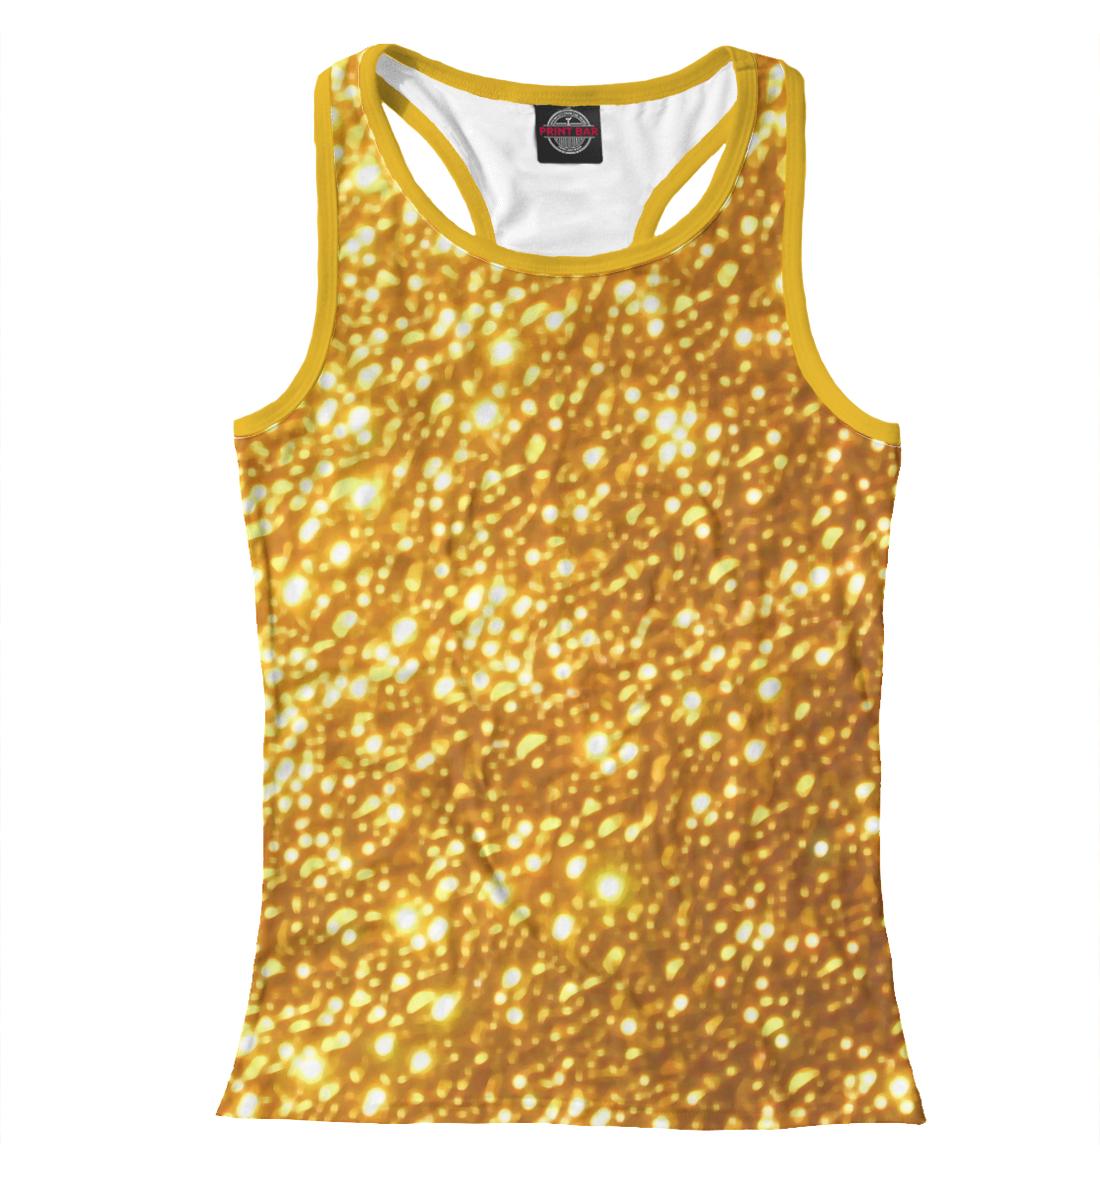 Купить Золото, Printbar, Майки борцовки, APD-995625-mayb-1